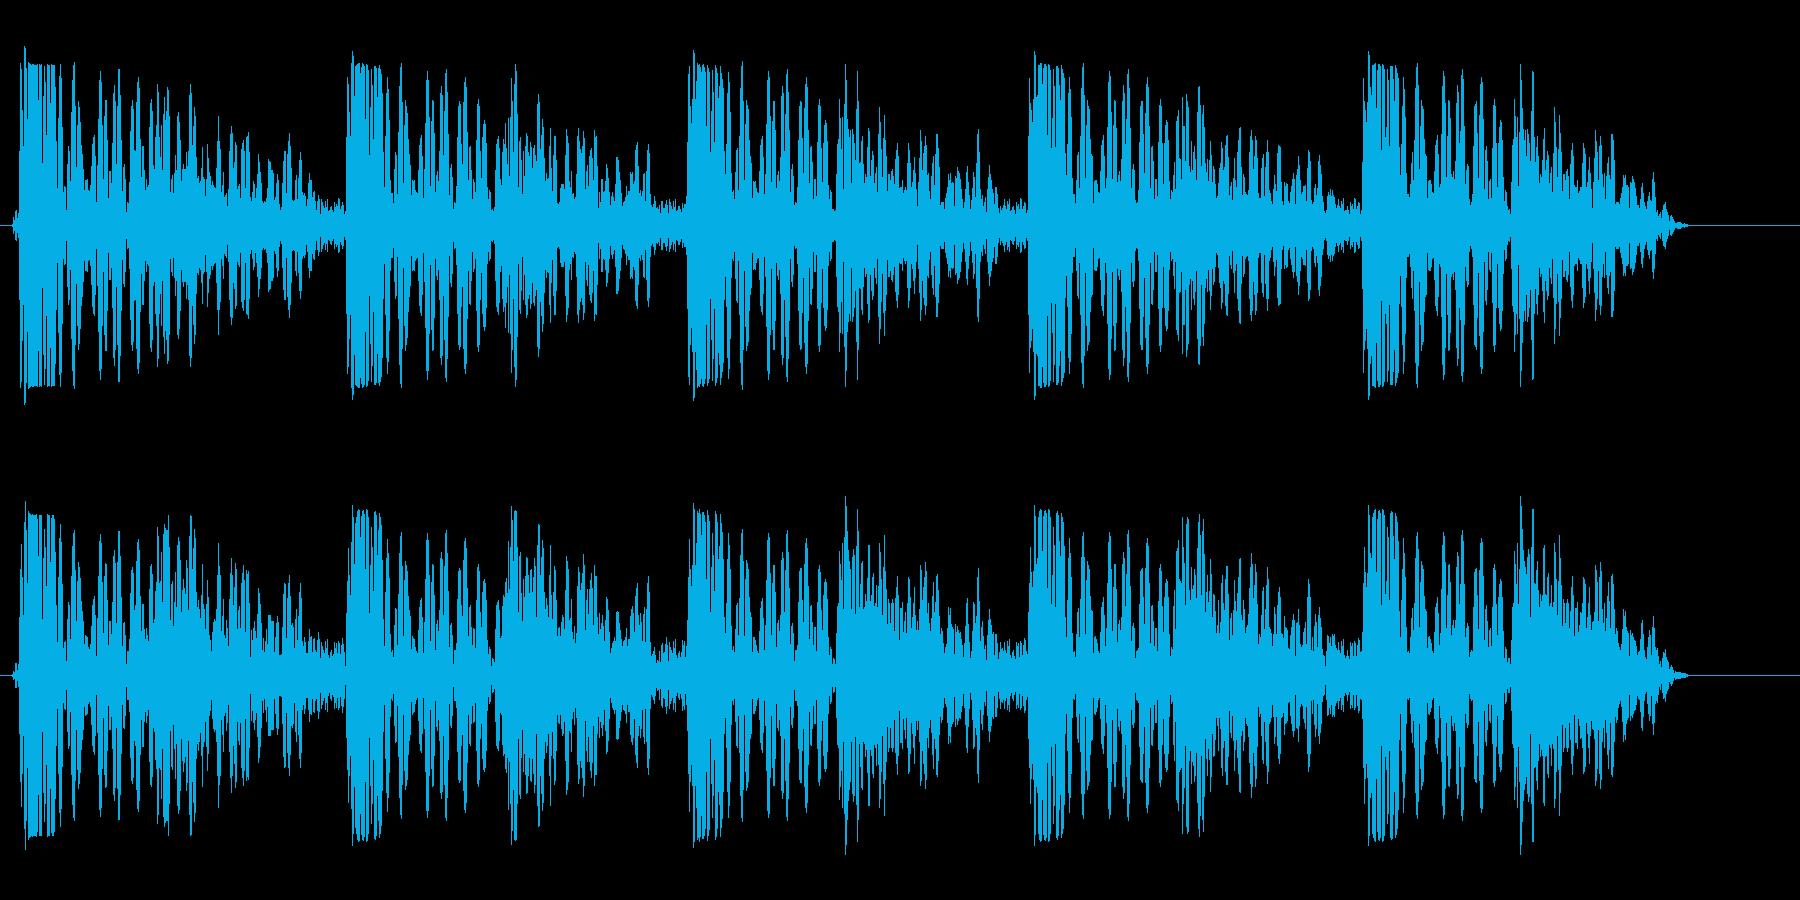 パシパシパシッ(張り手されたような音)の再生済みの波形